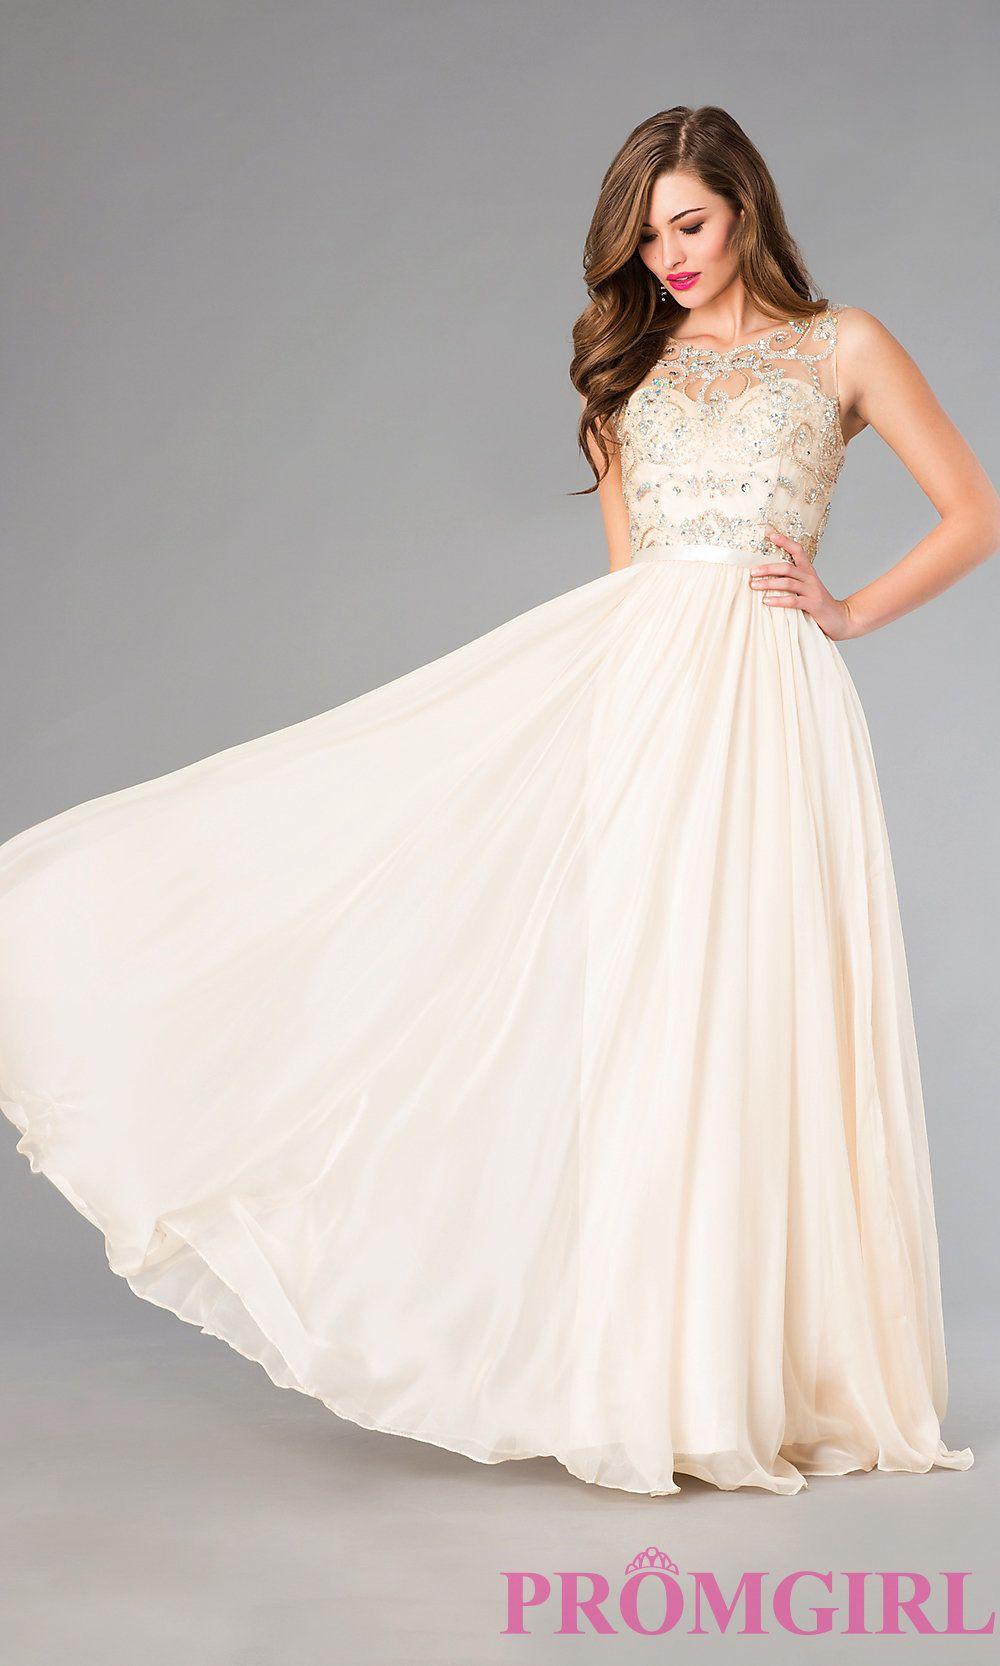 Floor length dresses for prom